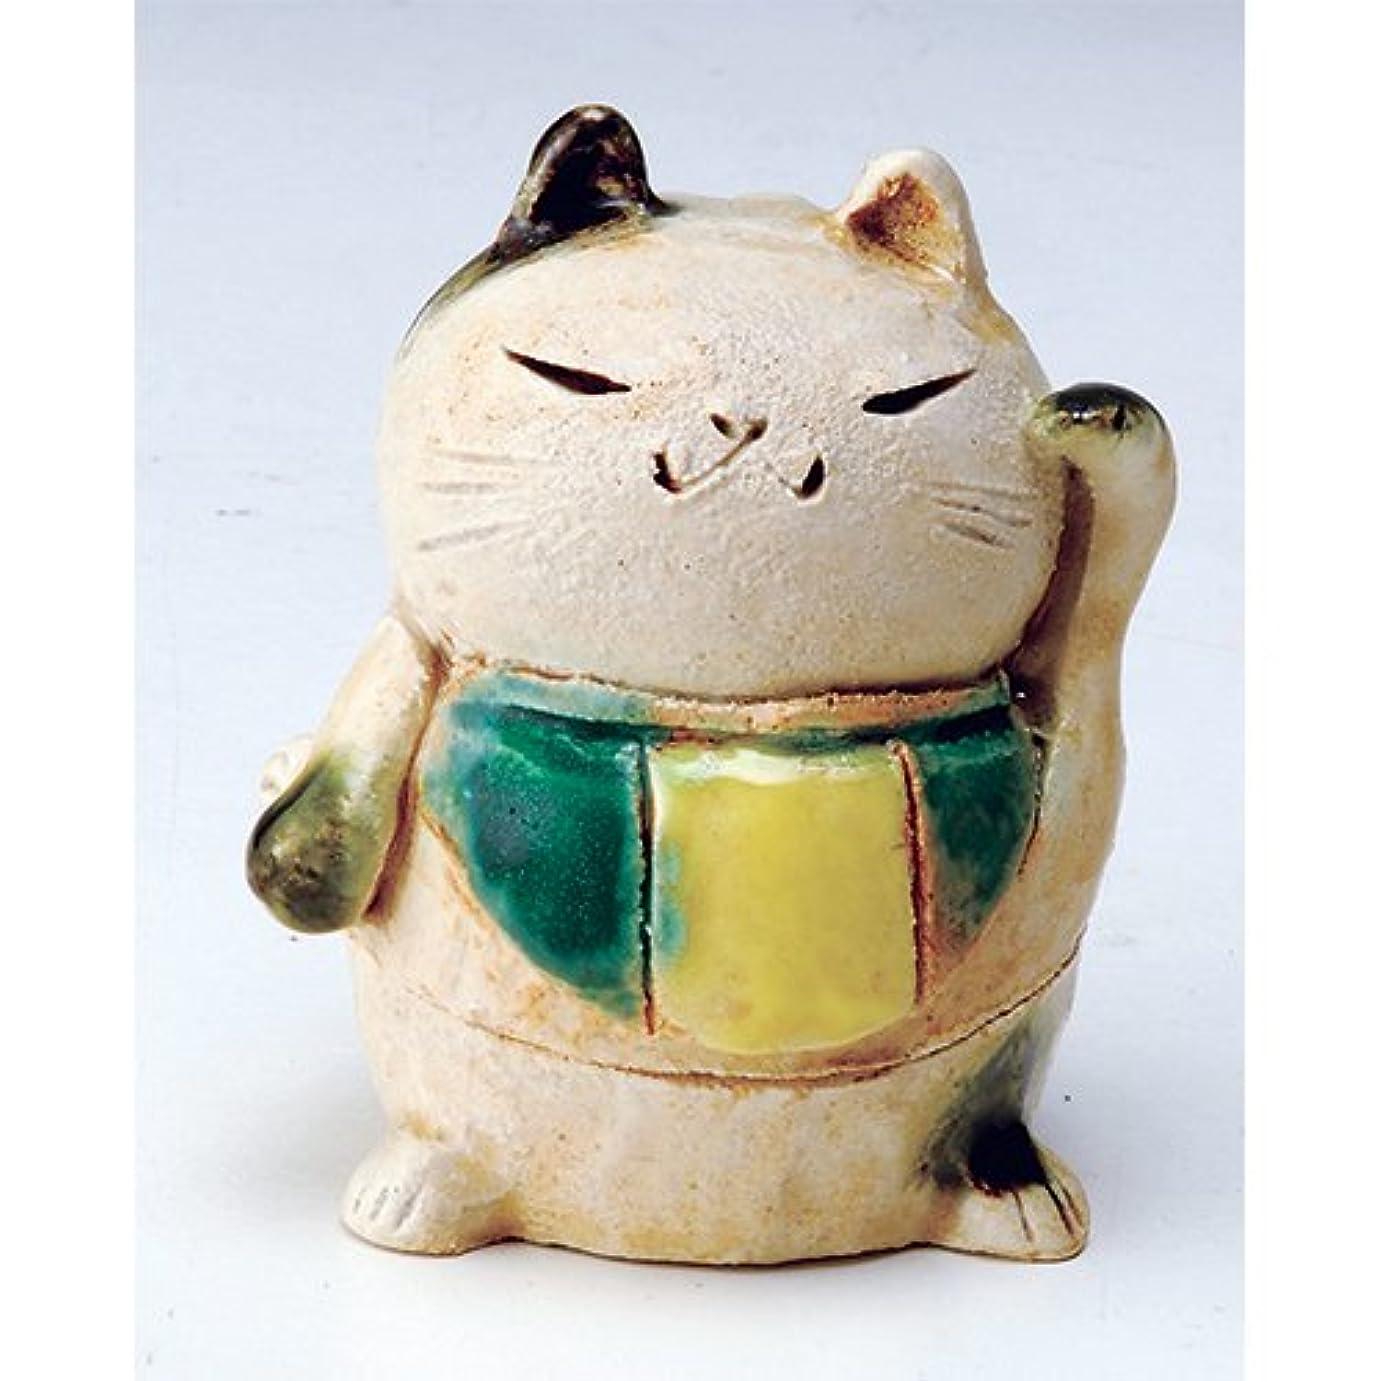 商人汚れたライトニング香炉 白萩 招き猫(人)香炉(小) [H8cm] HANDMADE プレゼント ギフト 和食器 かわいい インテリア